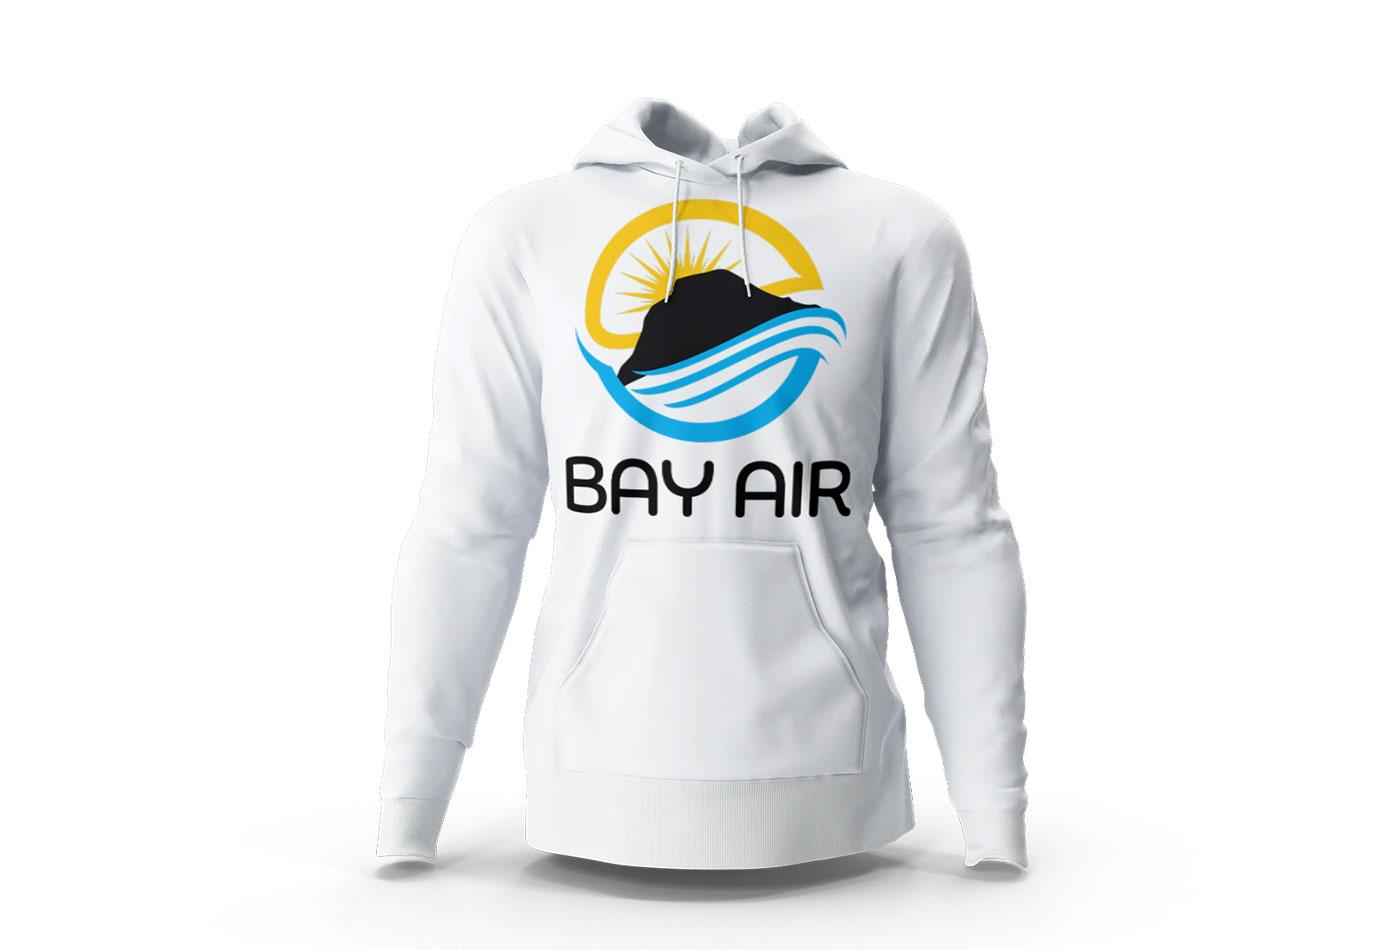 Bay Air logo